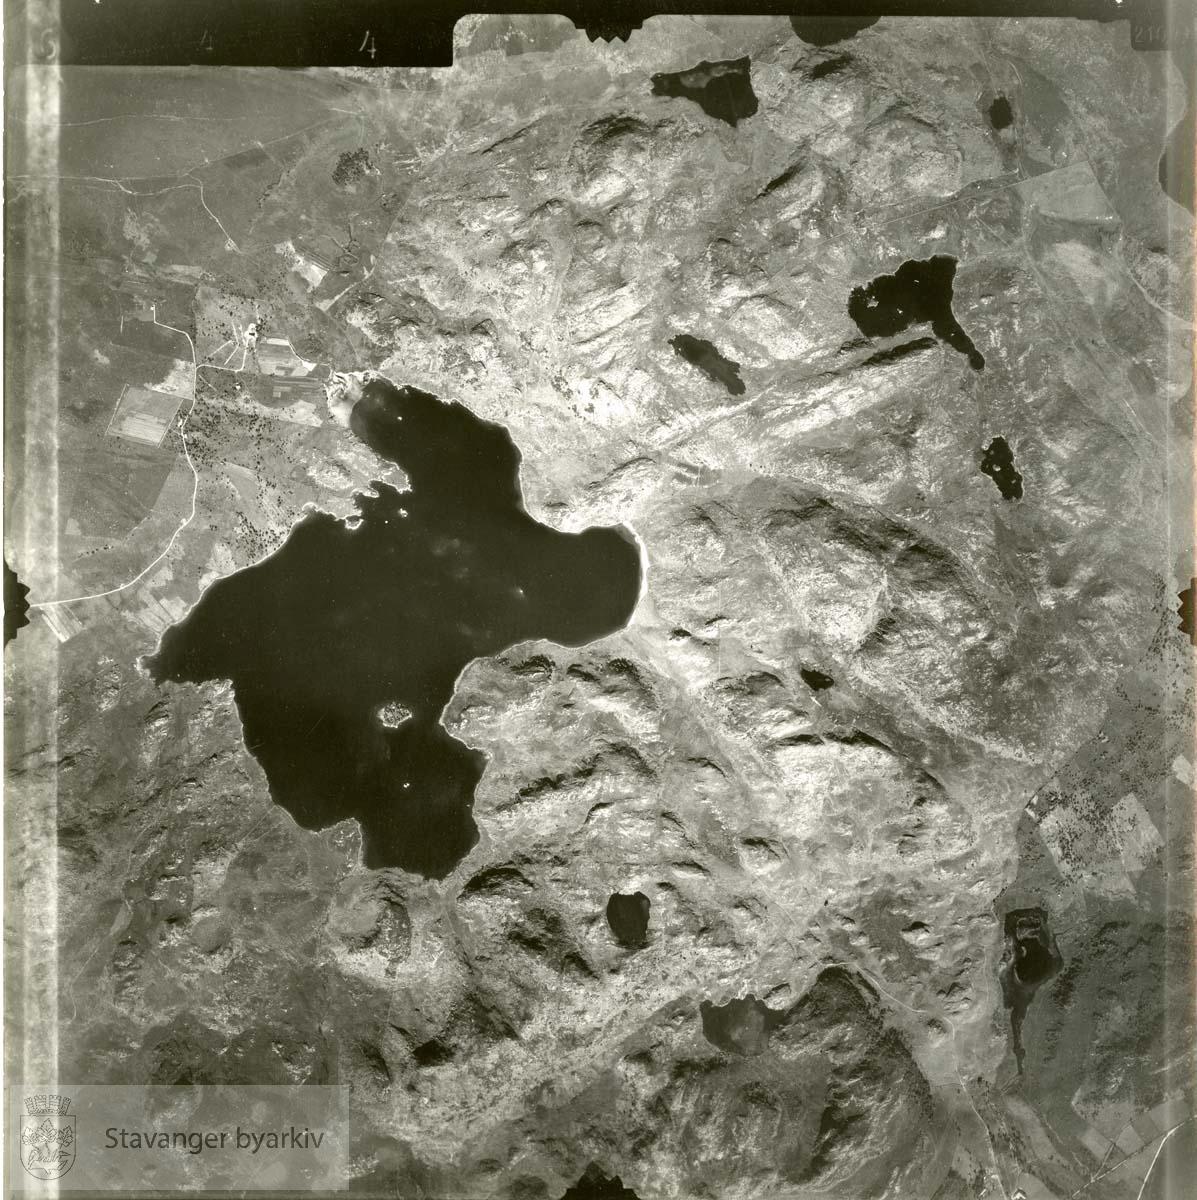 Jfr. kart/fotoplan I5/644..Ålgård, Flassavatnet, Blikafjellet, Vassnutana..Se ByStW_Uca_002 (kan lastes ned under fanen for kart på Stavangerbilder)